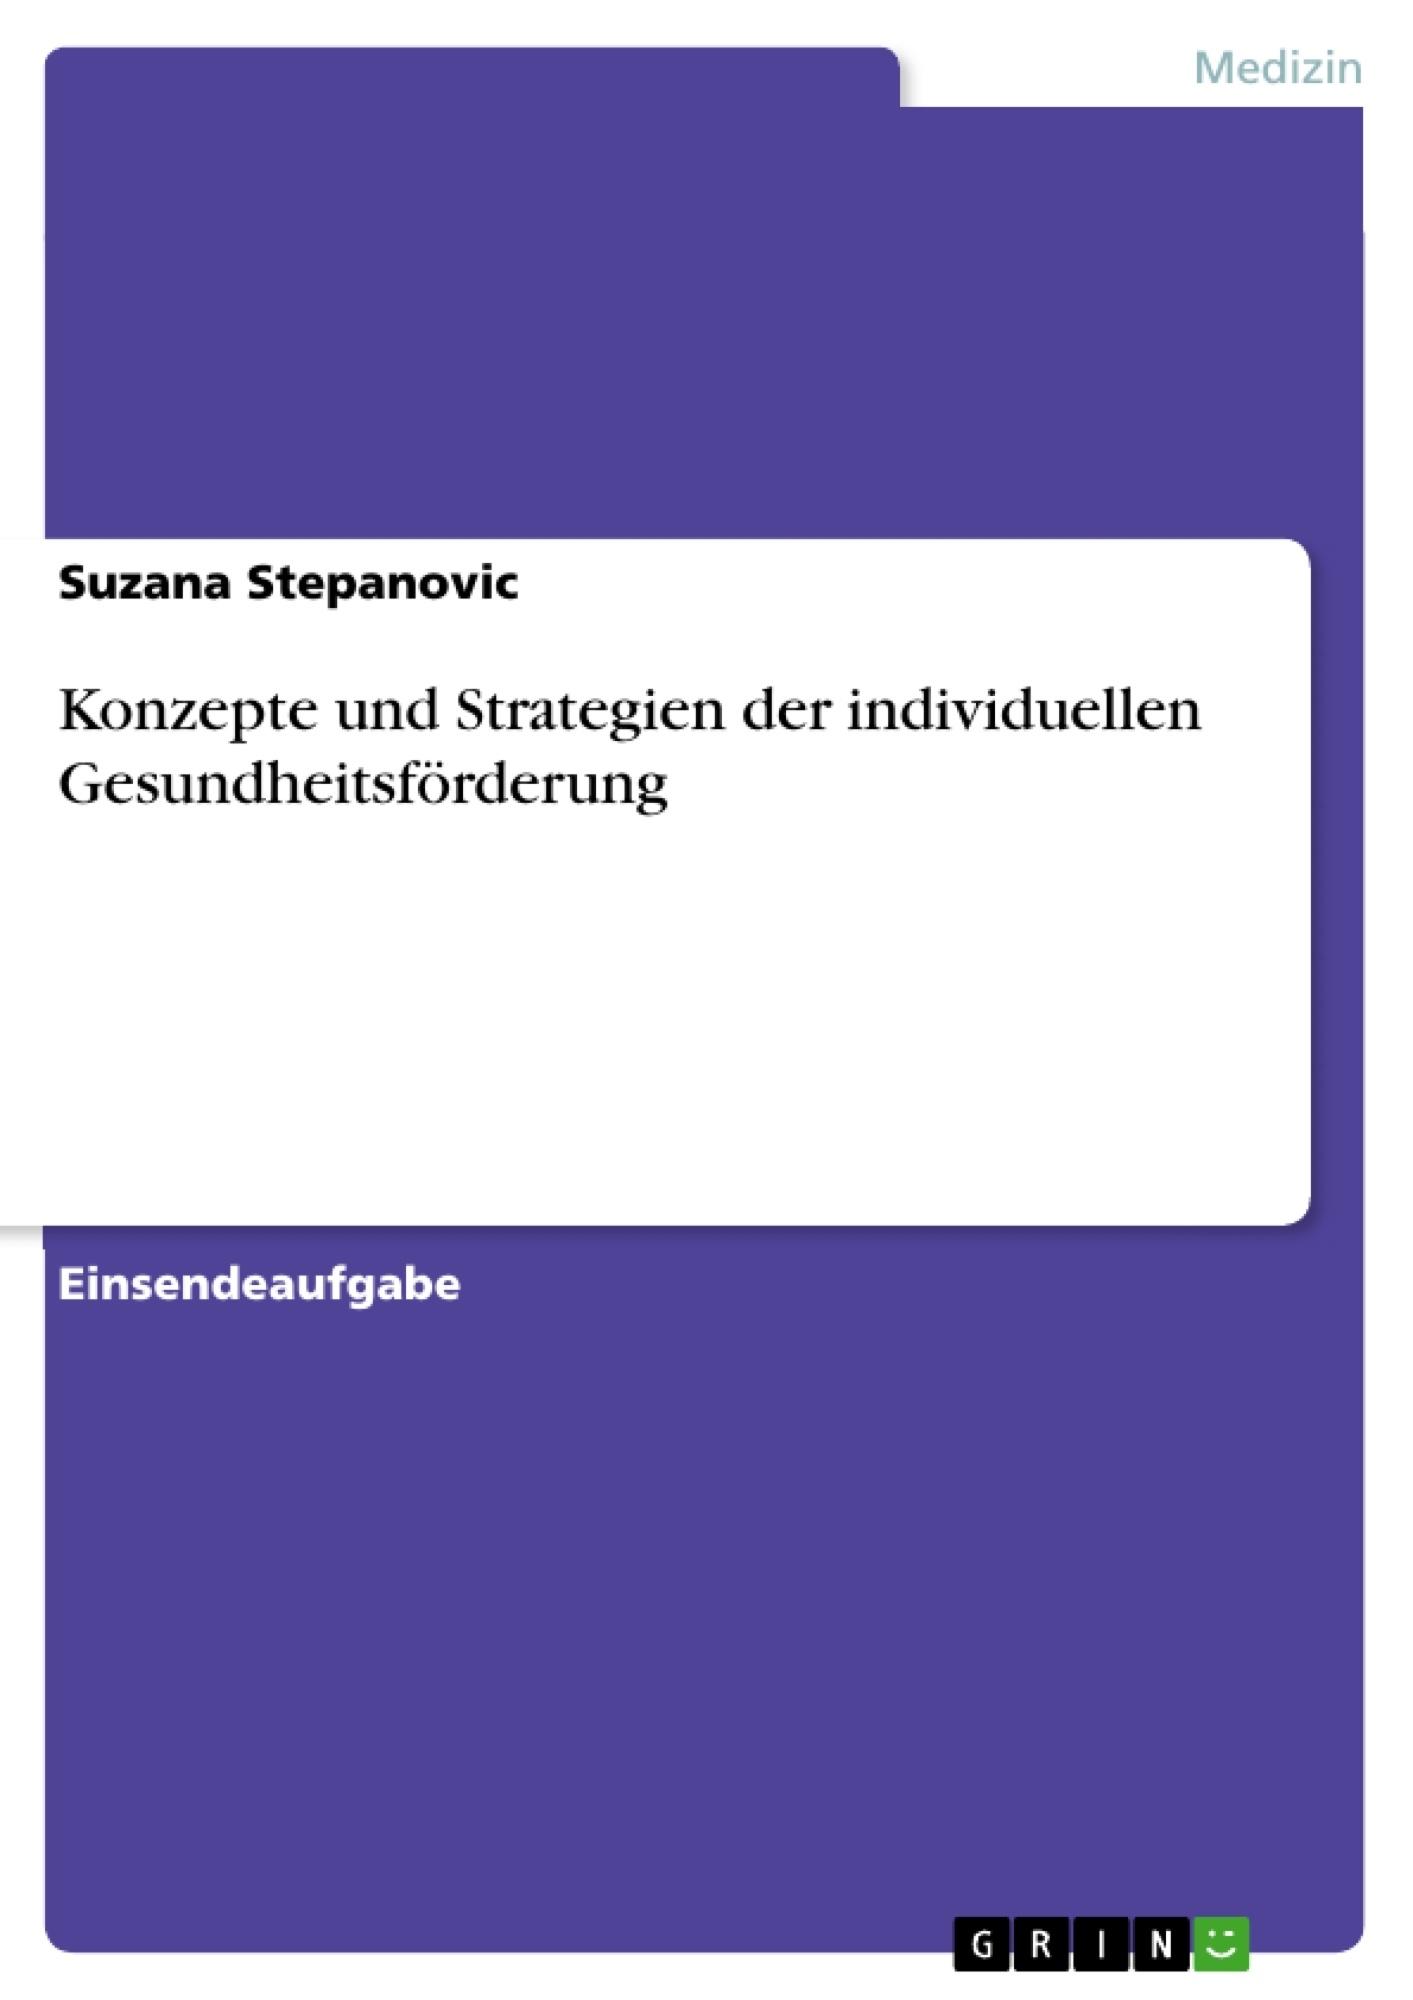 Titel: Konzepte und Strategien der individuellen Gesundheitsförderung